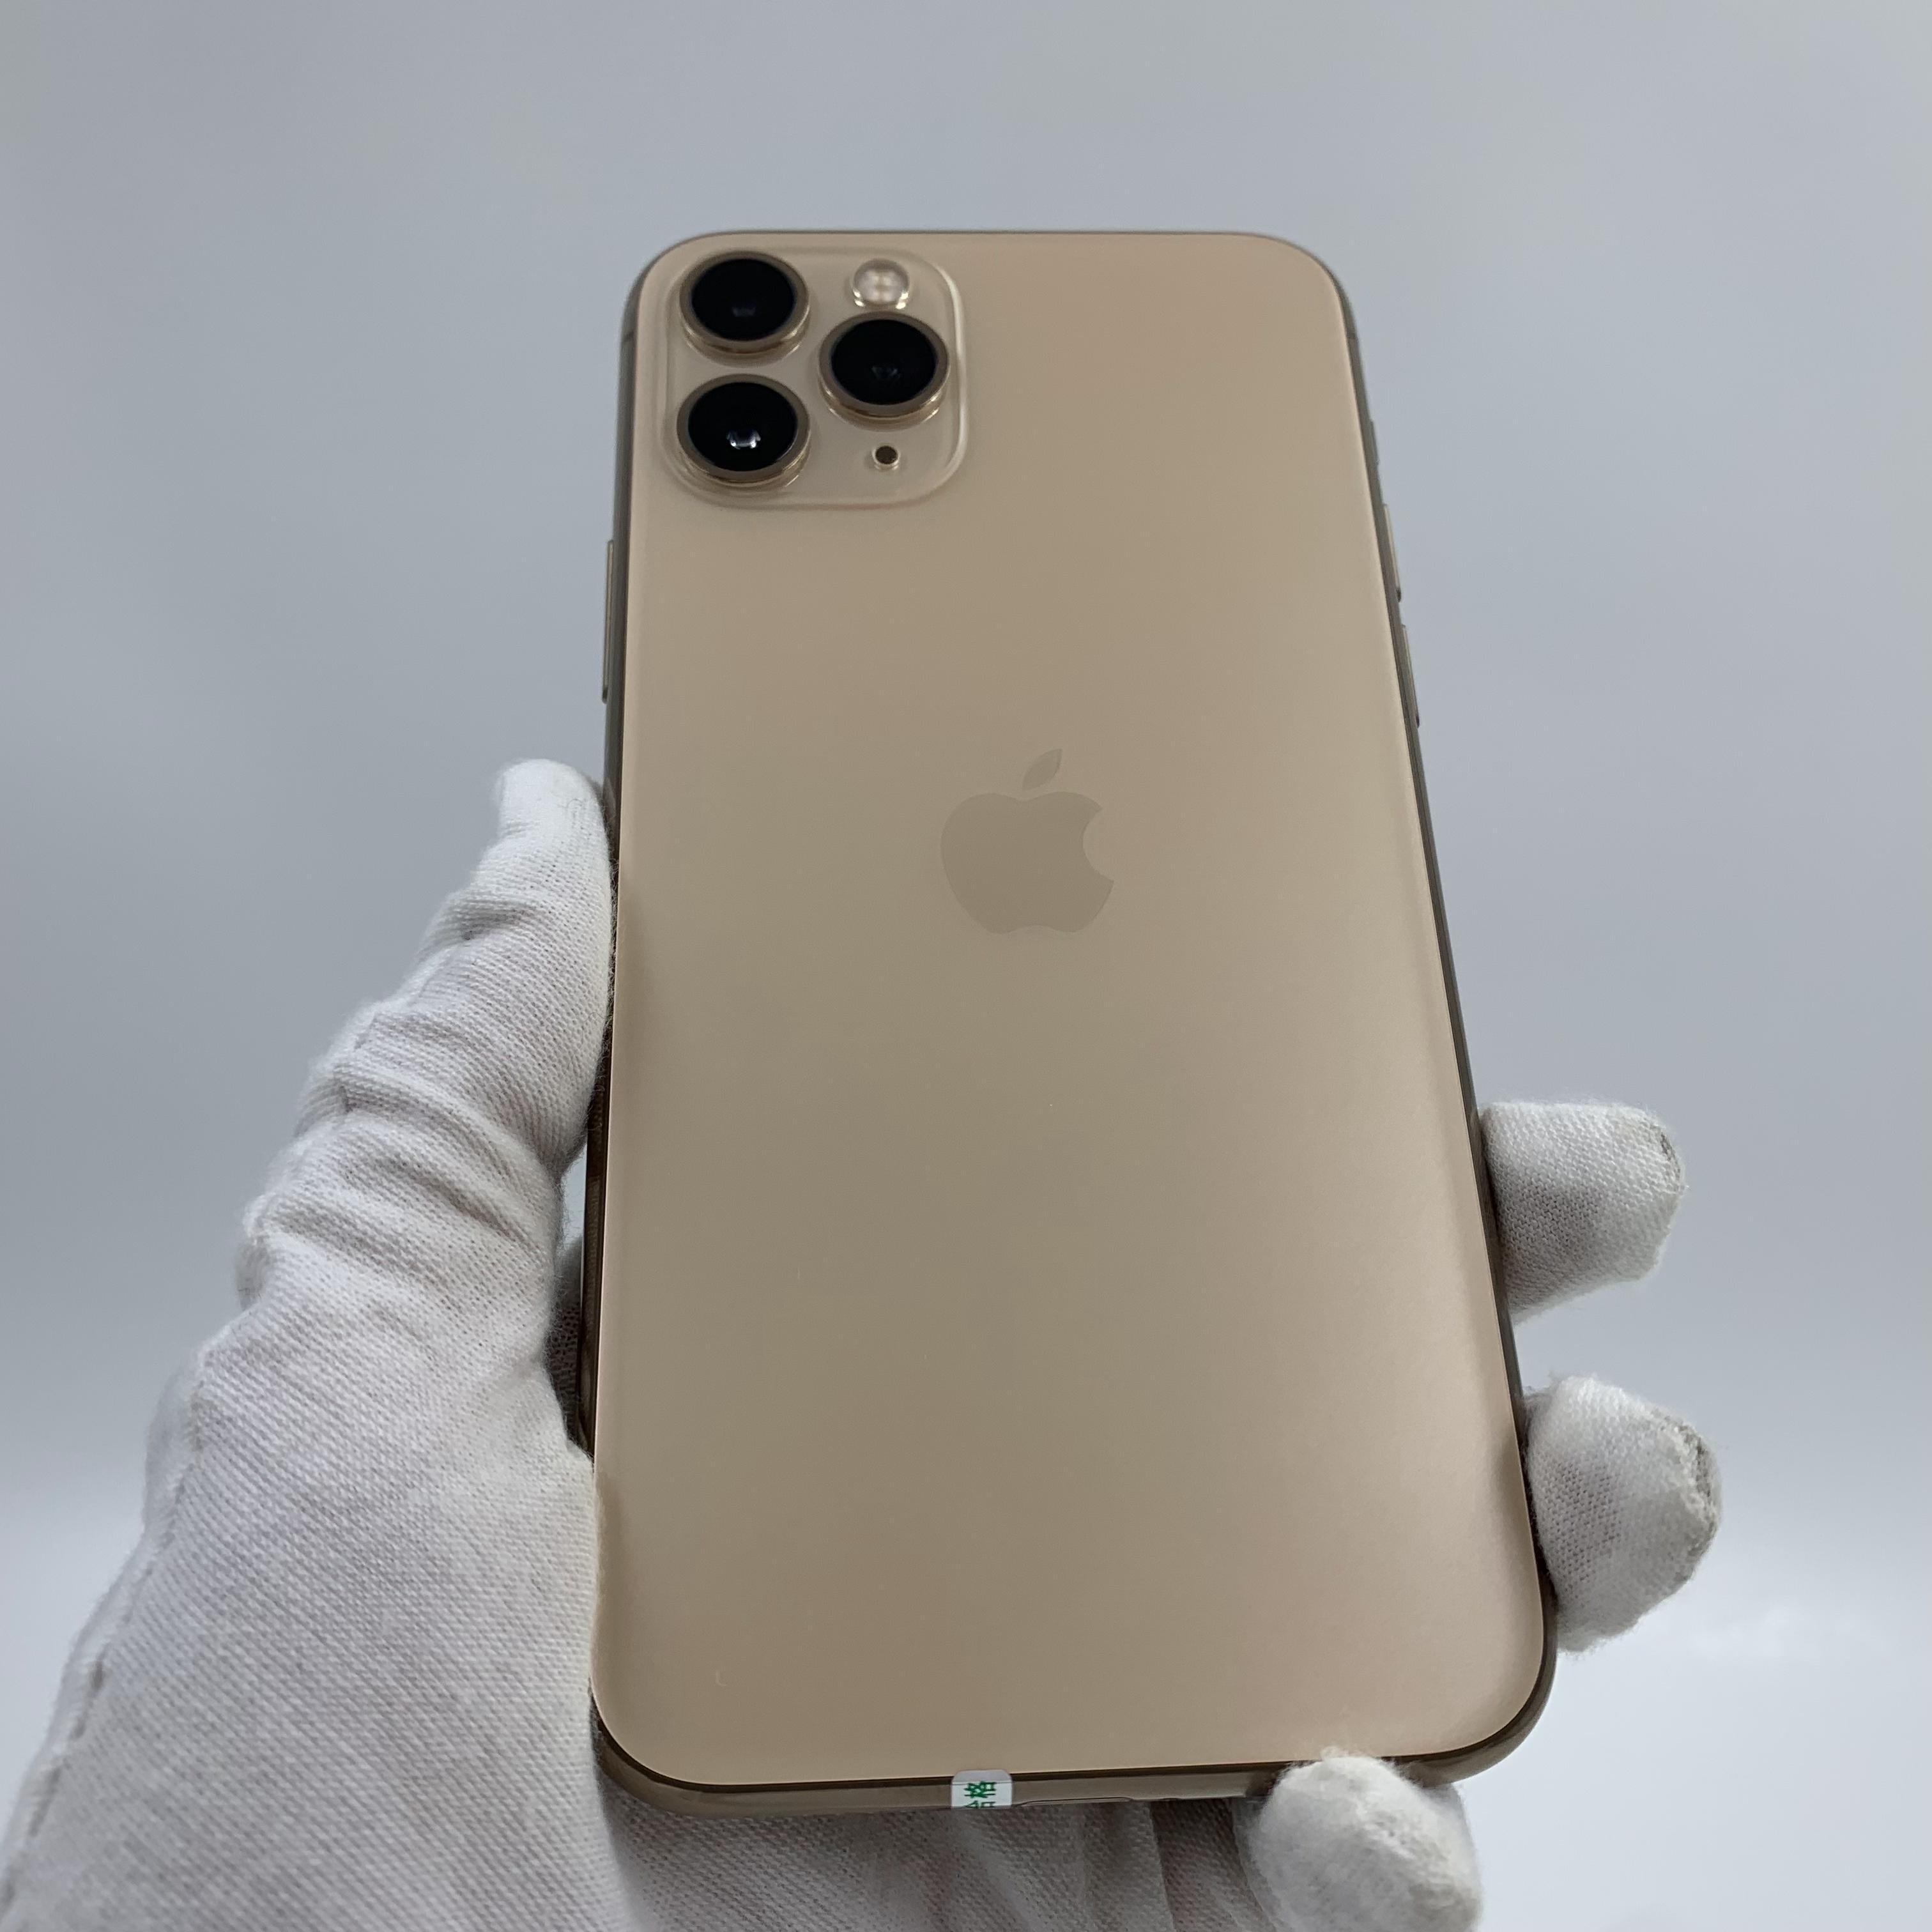 苹果【iPhone 11 Pro】4G全网通 金色 256G 国行 8成新 真机实拍